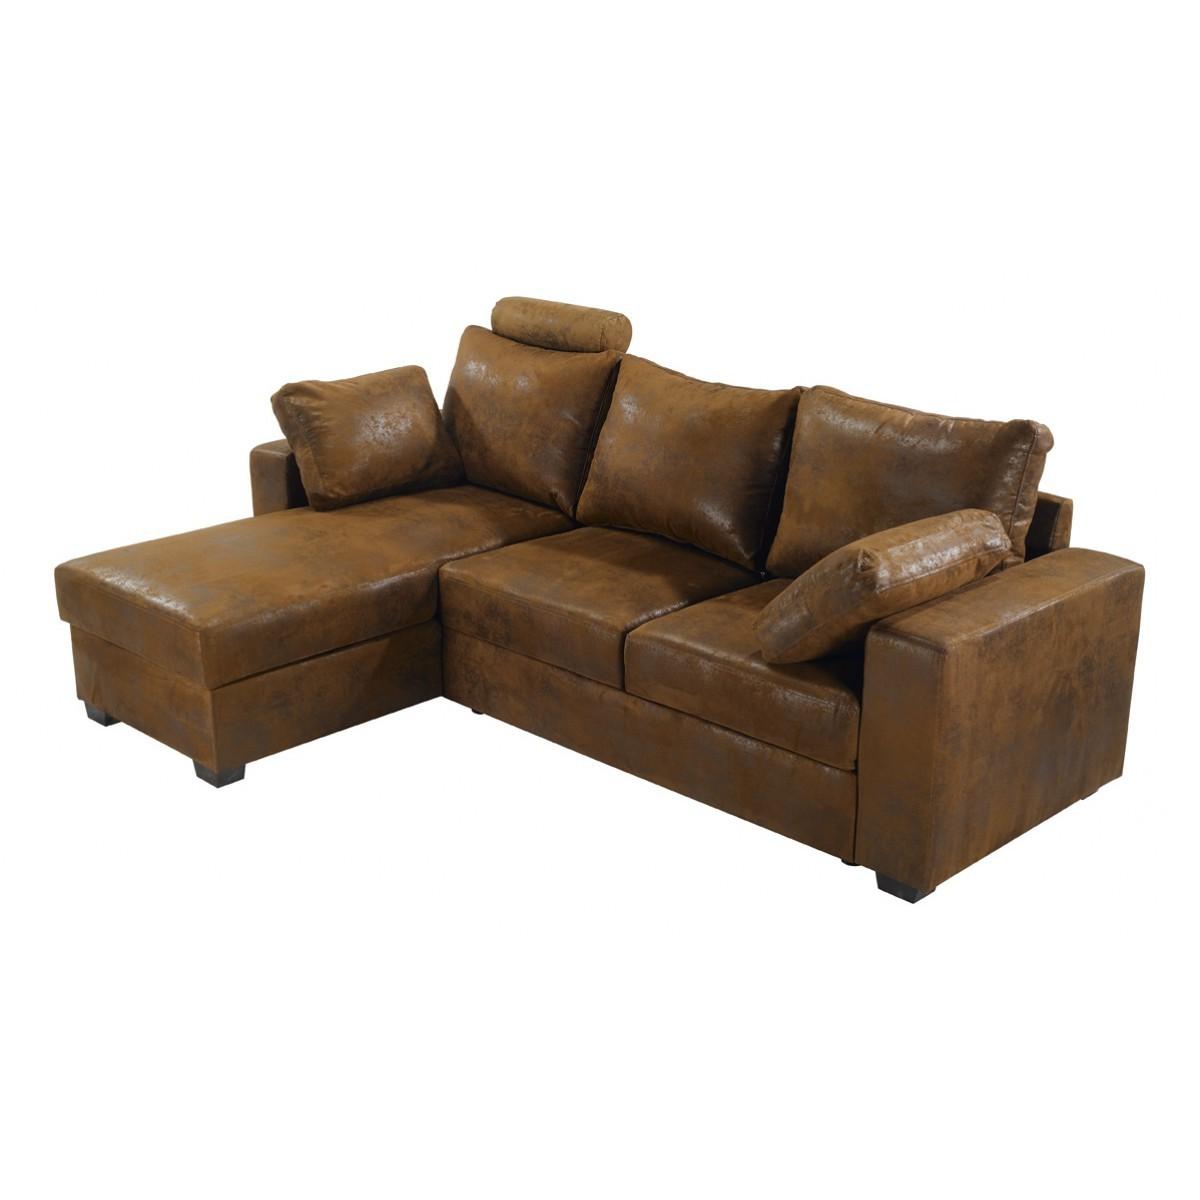 Canapé D'angle Convertible Lit 2 Places